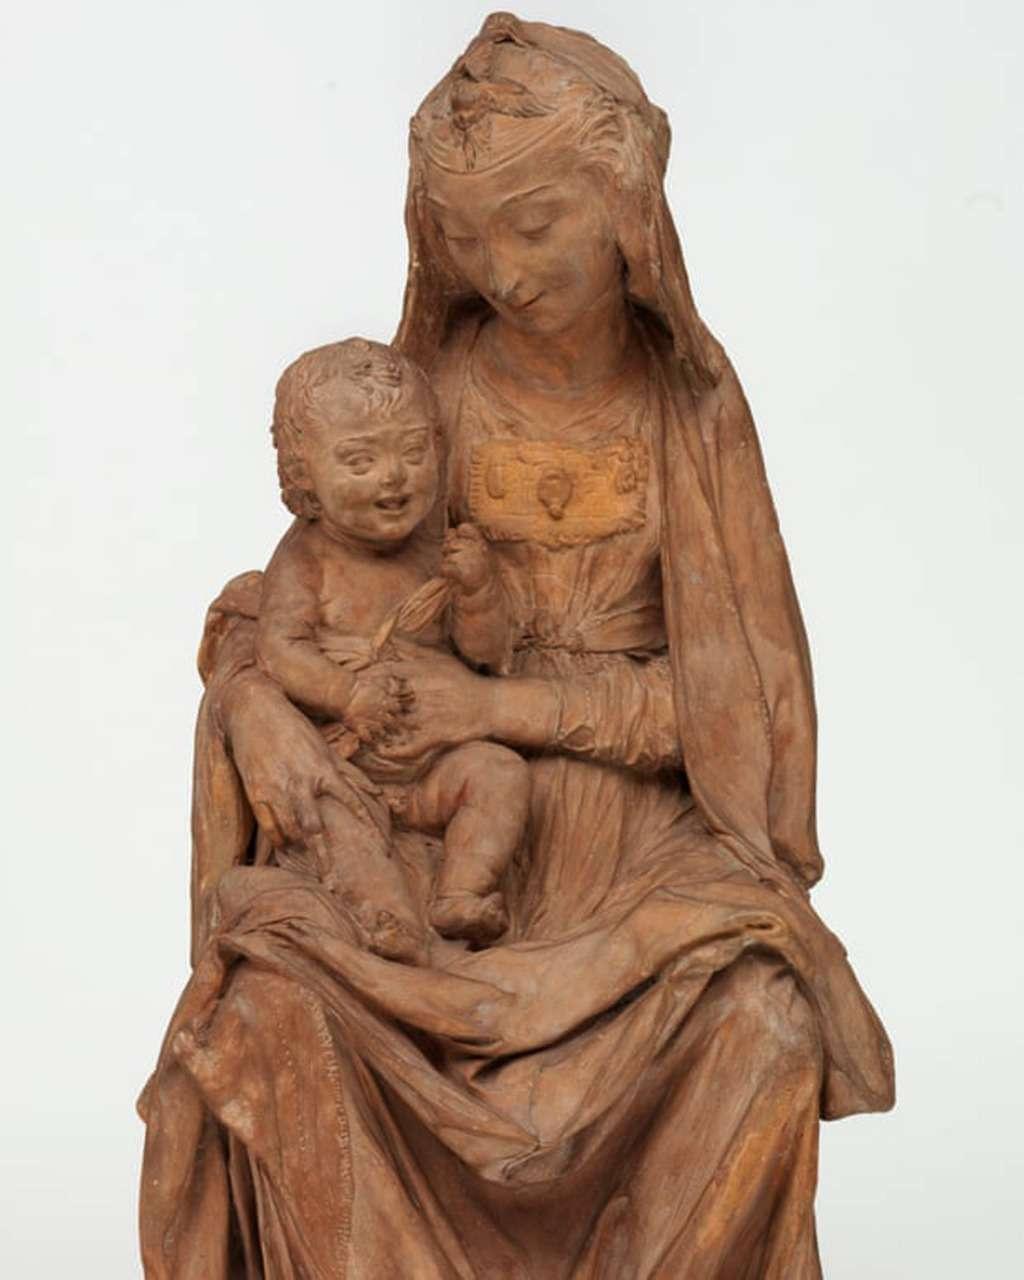 Эксперты говорят, что такие детали, как драпировка и улыбка Христа, показывают, что это работа Леонардо да Винчи